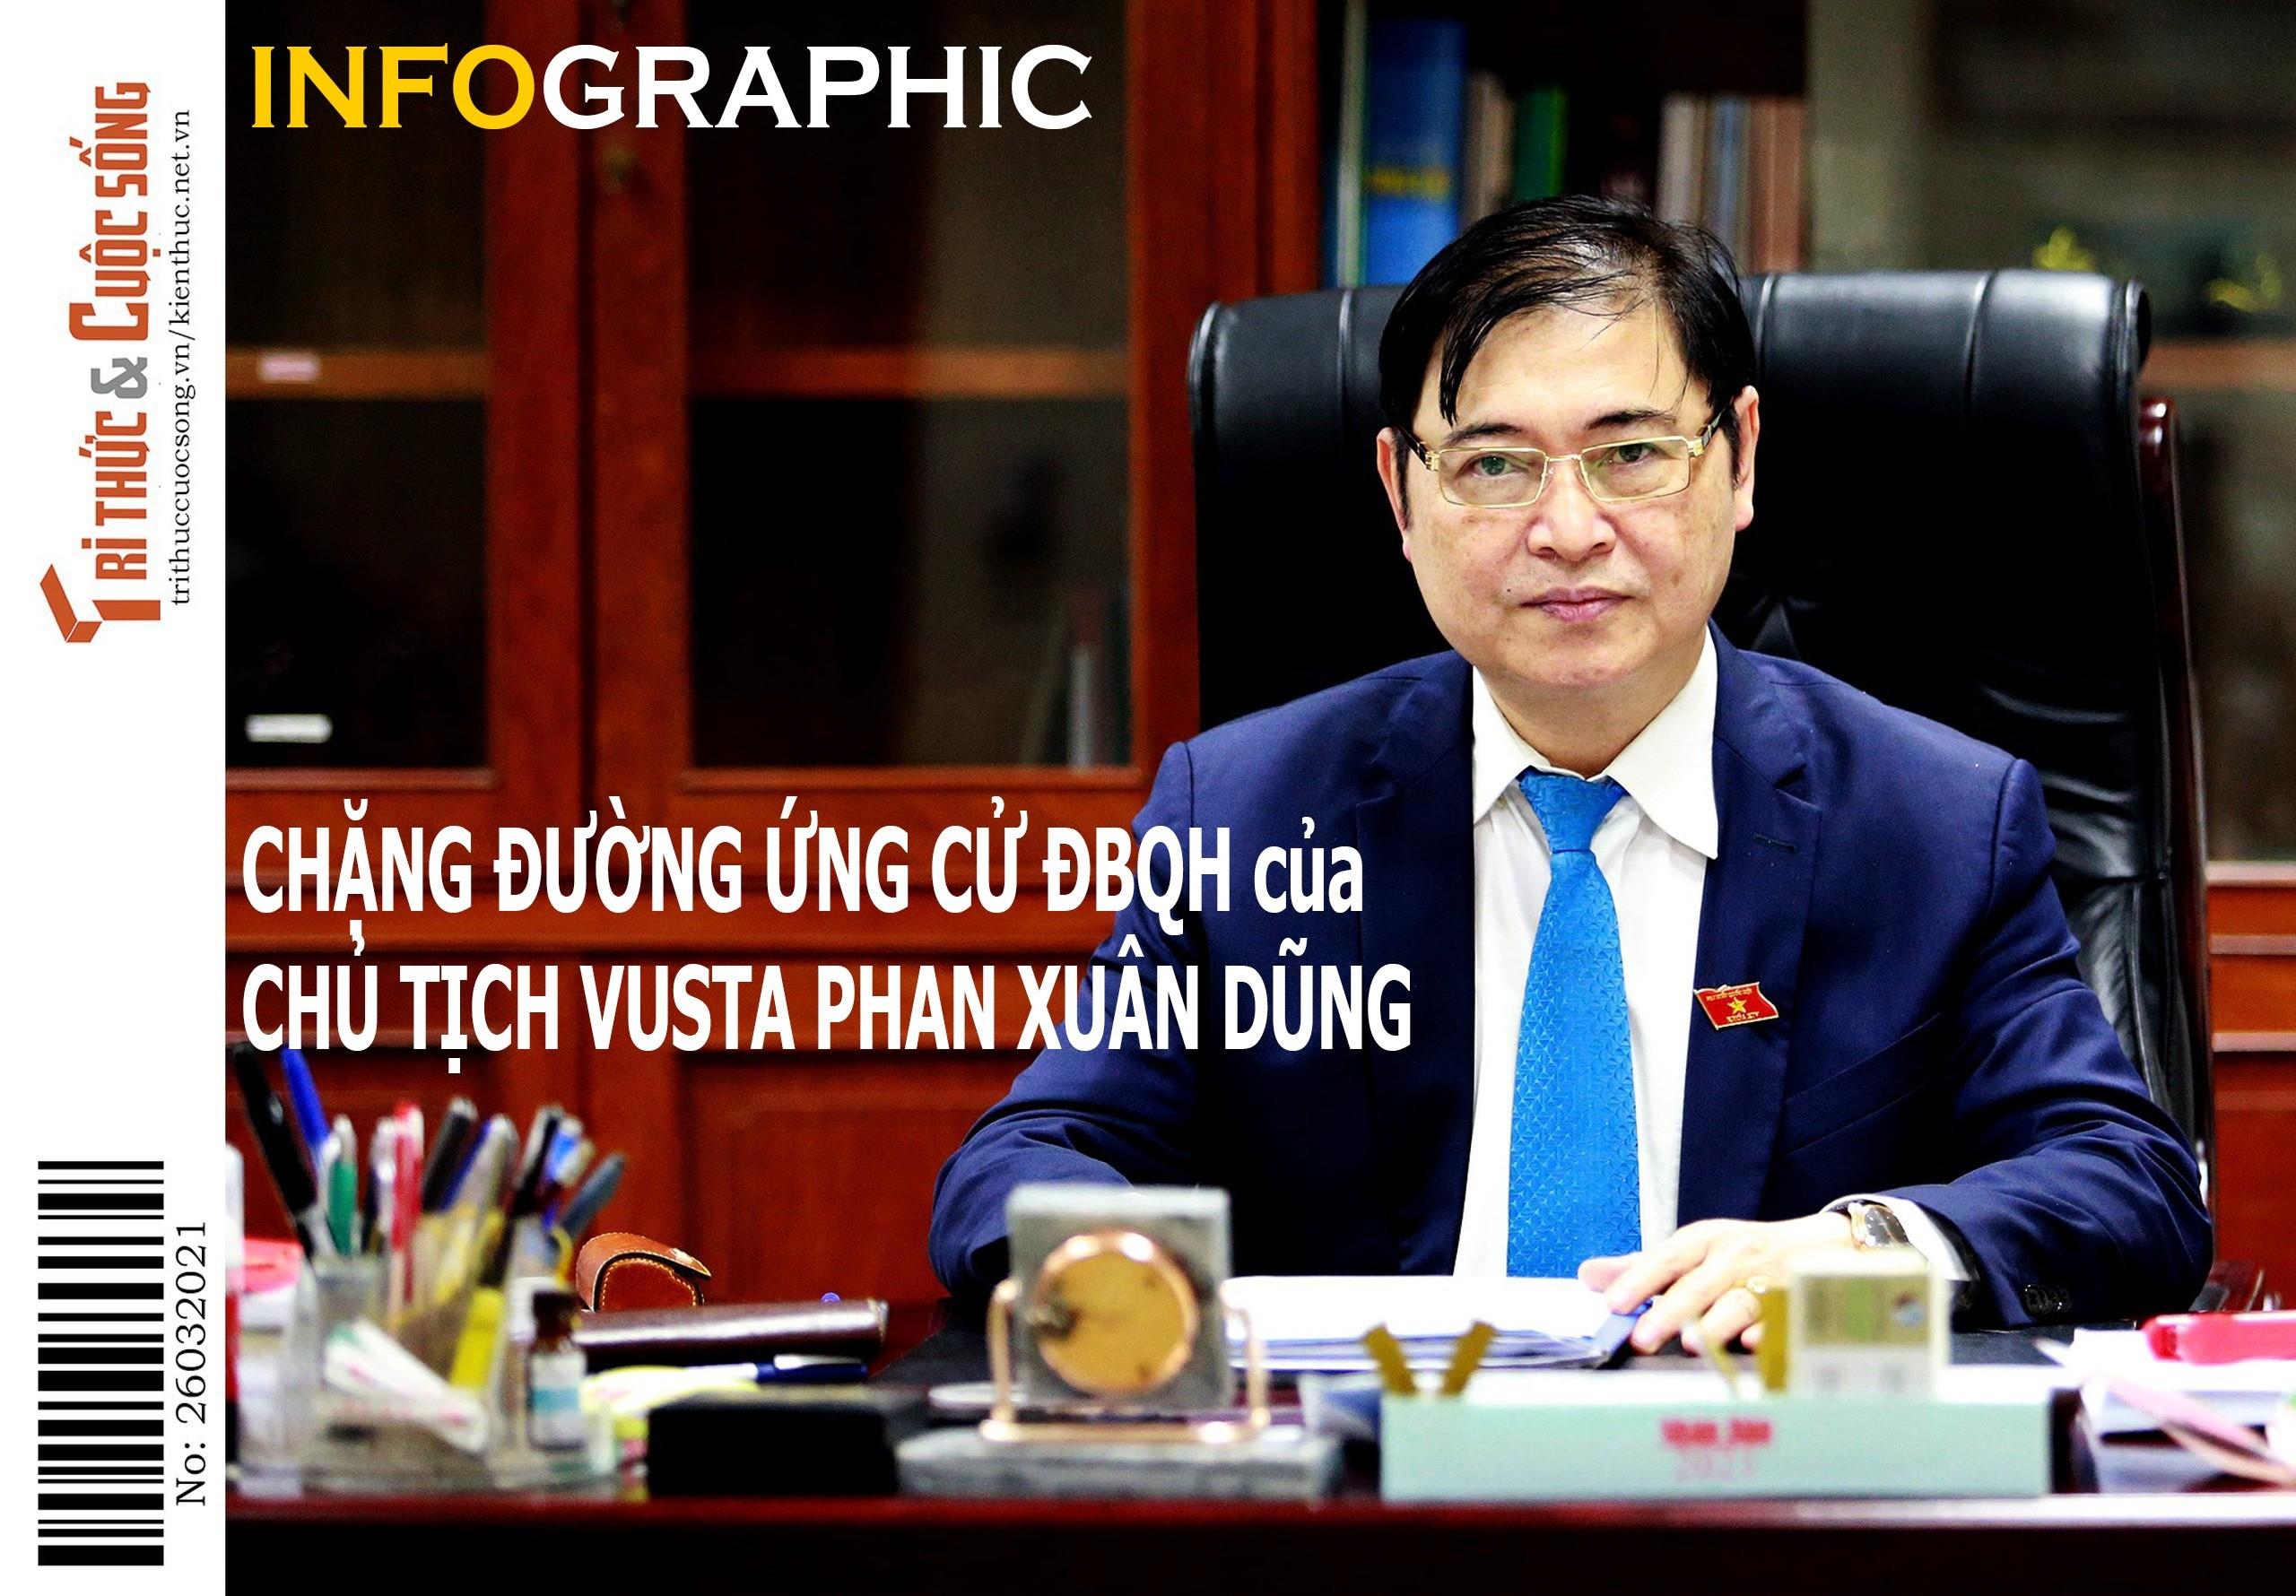 [Infographic] Chặng đường ứng cử ĐBQH của Chủ tịch VUSTA  Phan Xuân Dũng